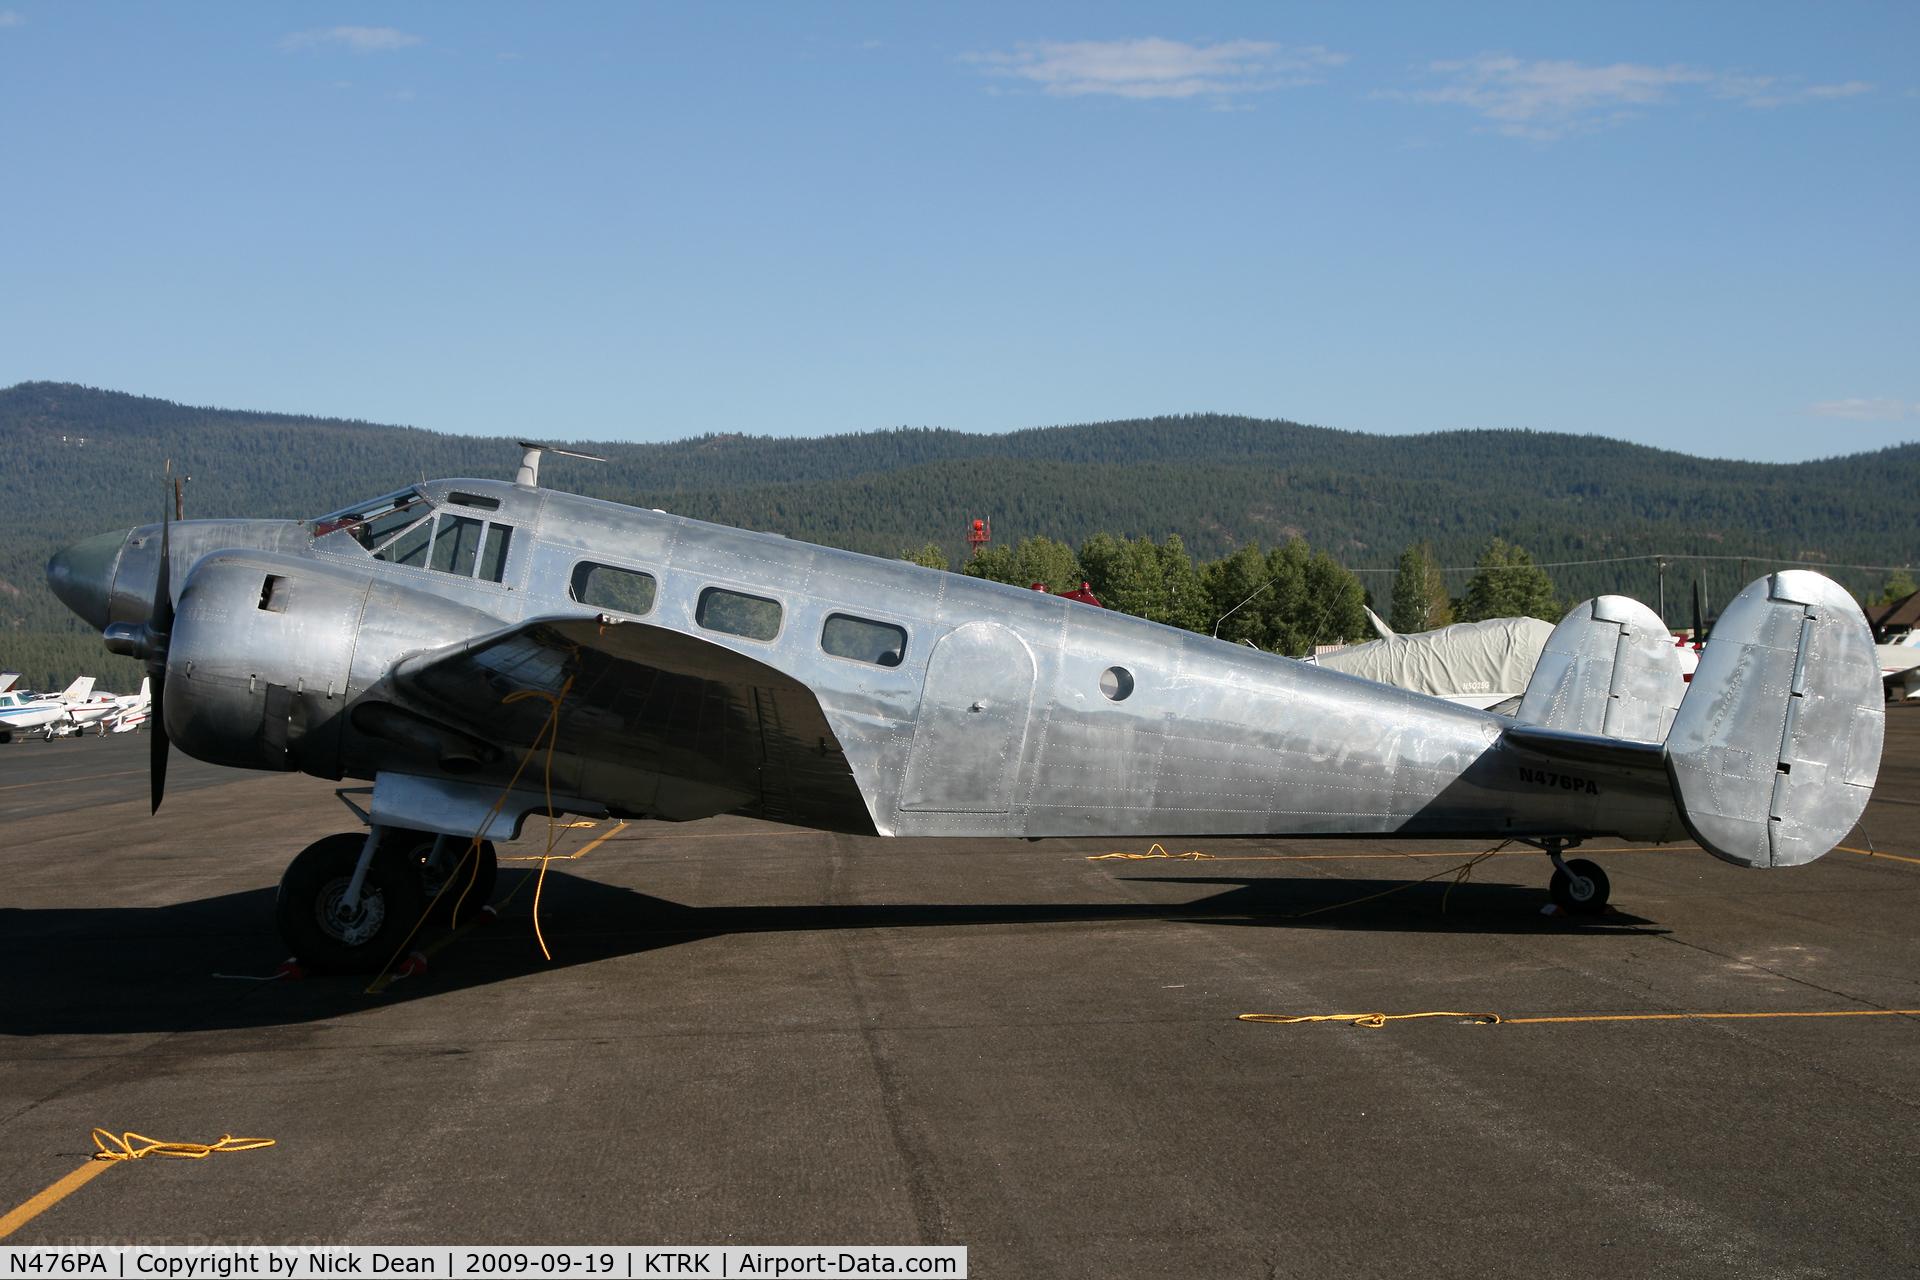 N476PA, 1952 Beech Expeditor 3NM C/N CA-265, KTRK